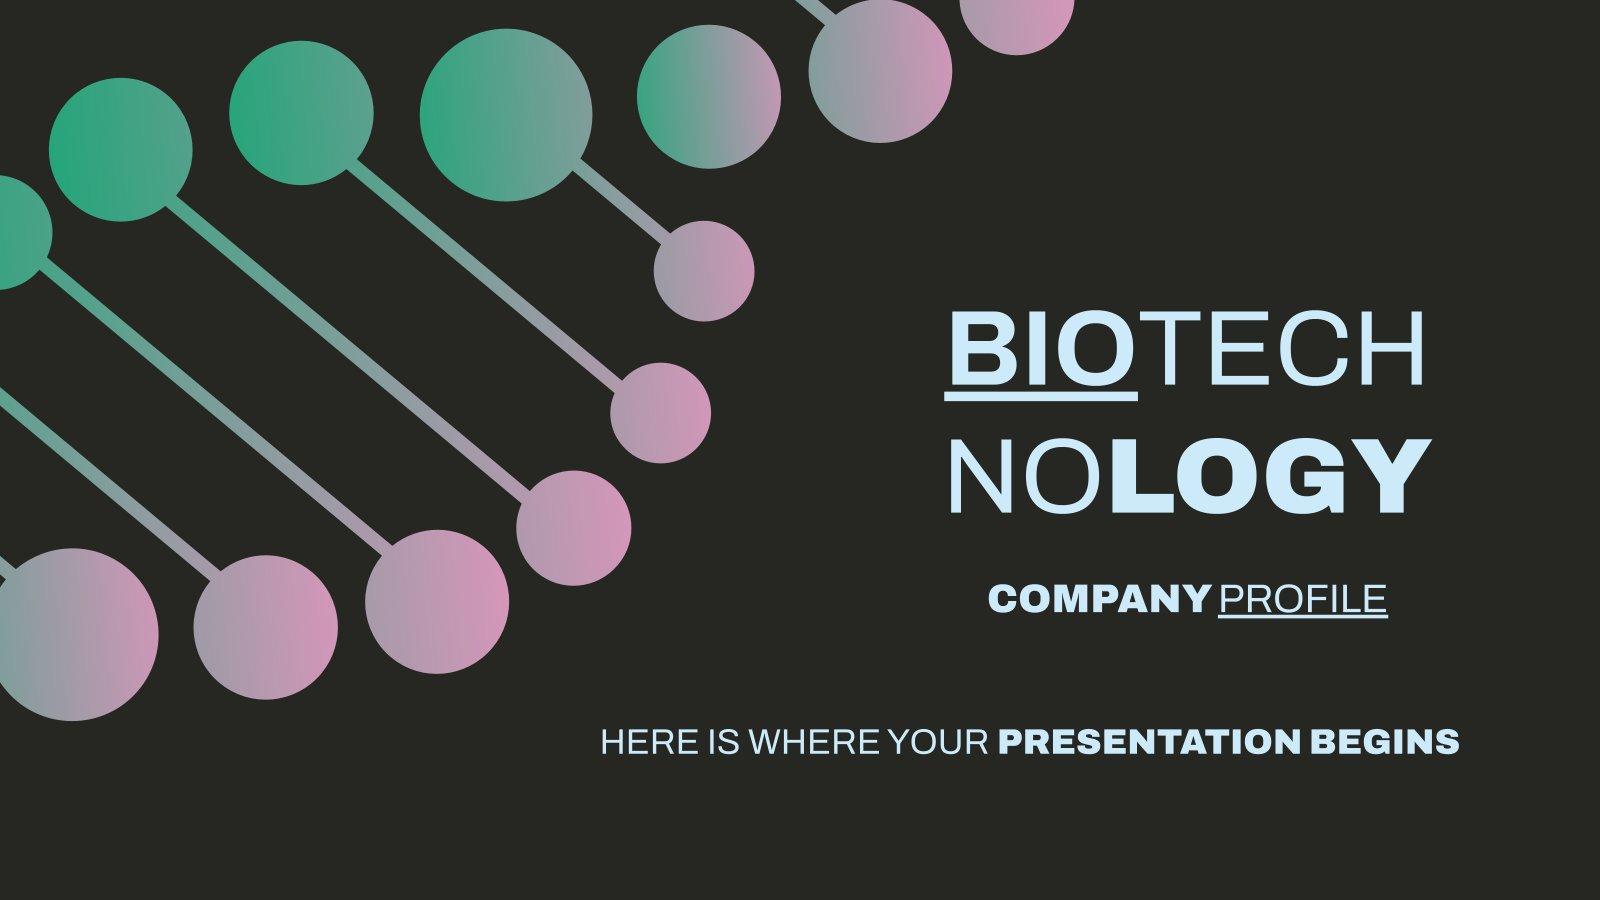 Biotechnologie Unternehmensprofil Präsentationsvorlage